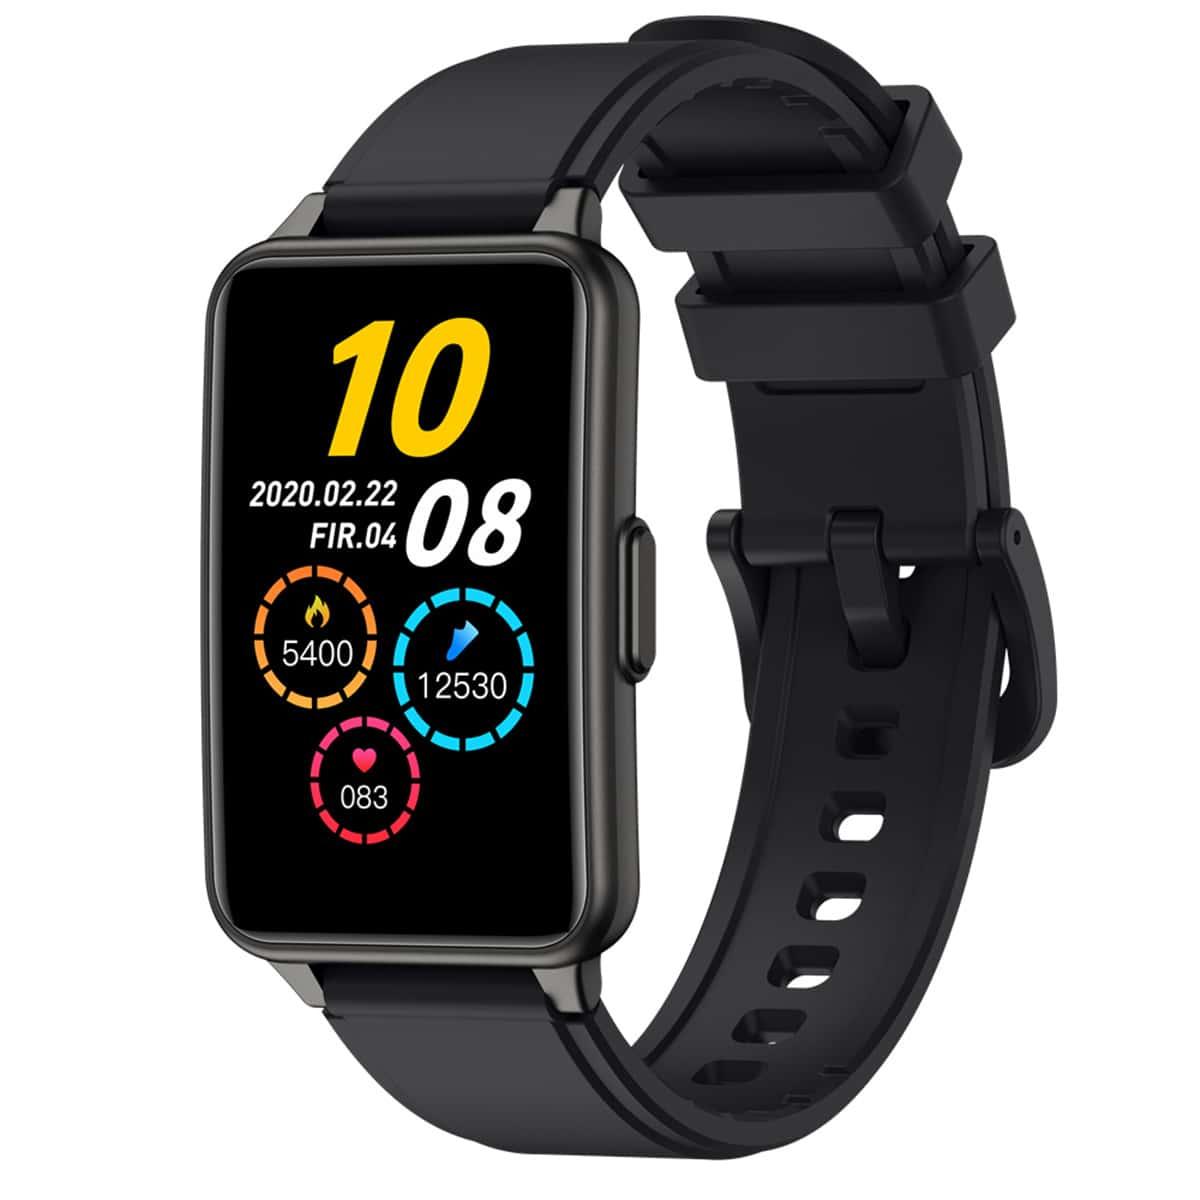 Водонепроницаемые умные часы с фитнес-трекером